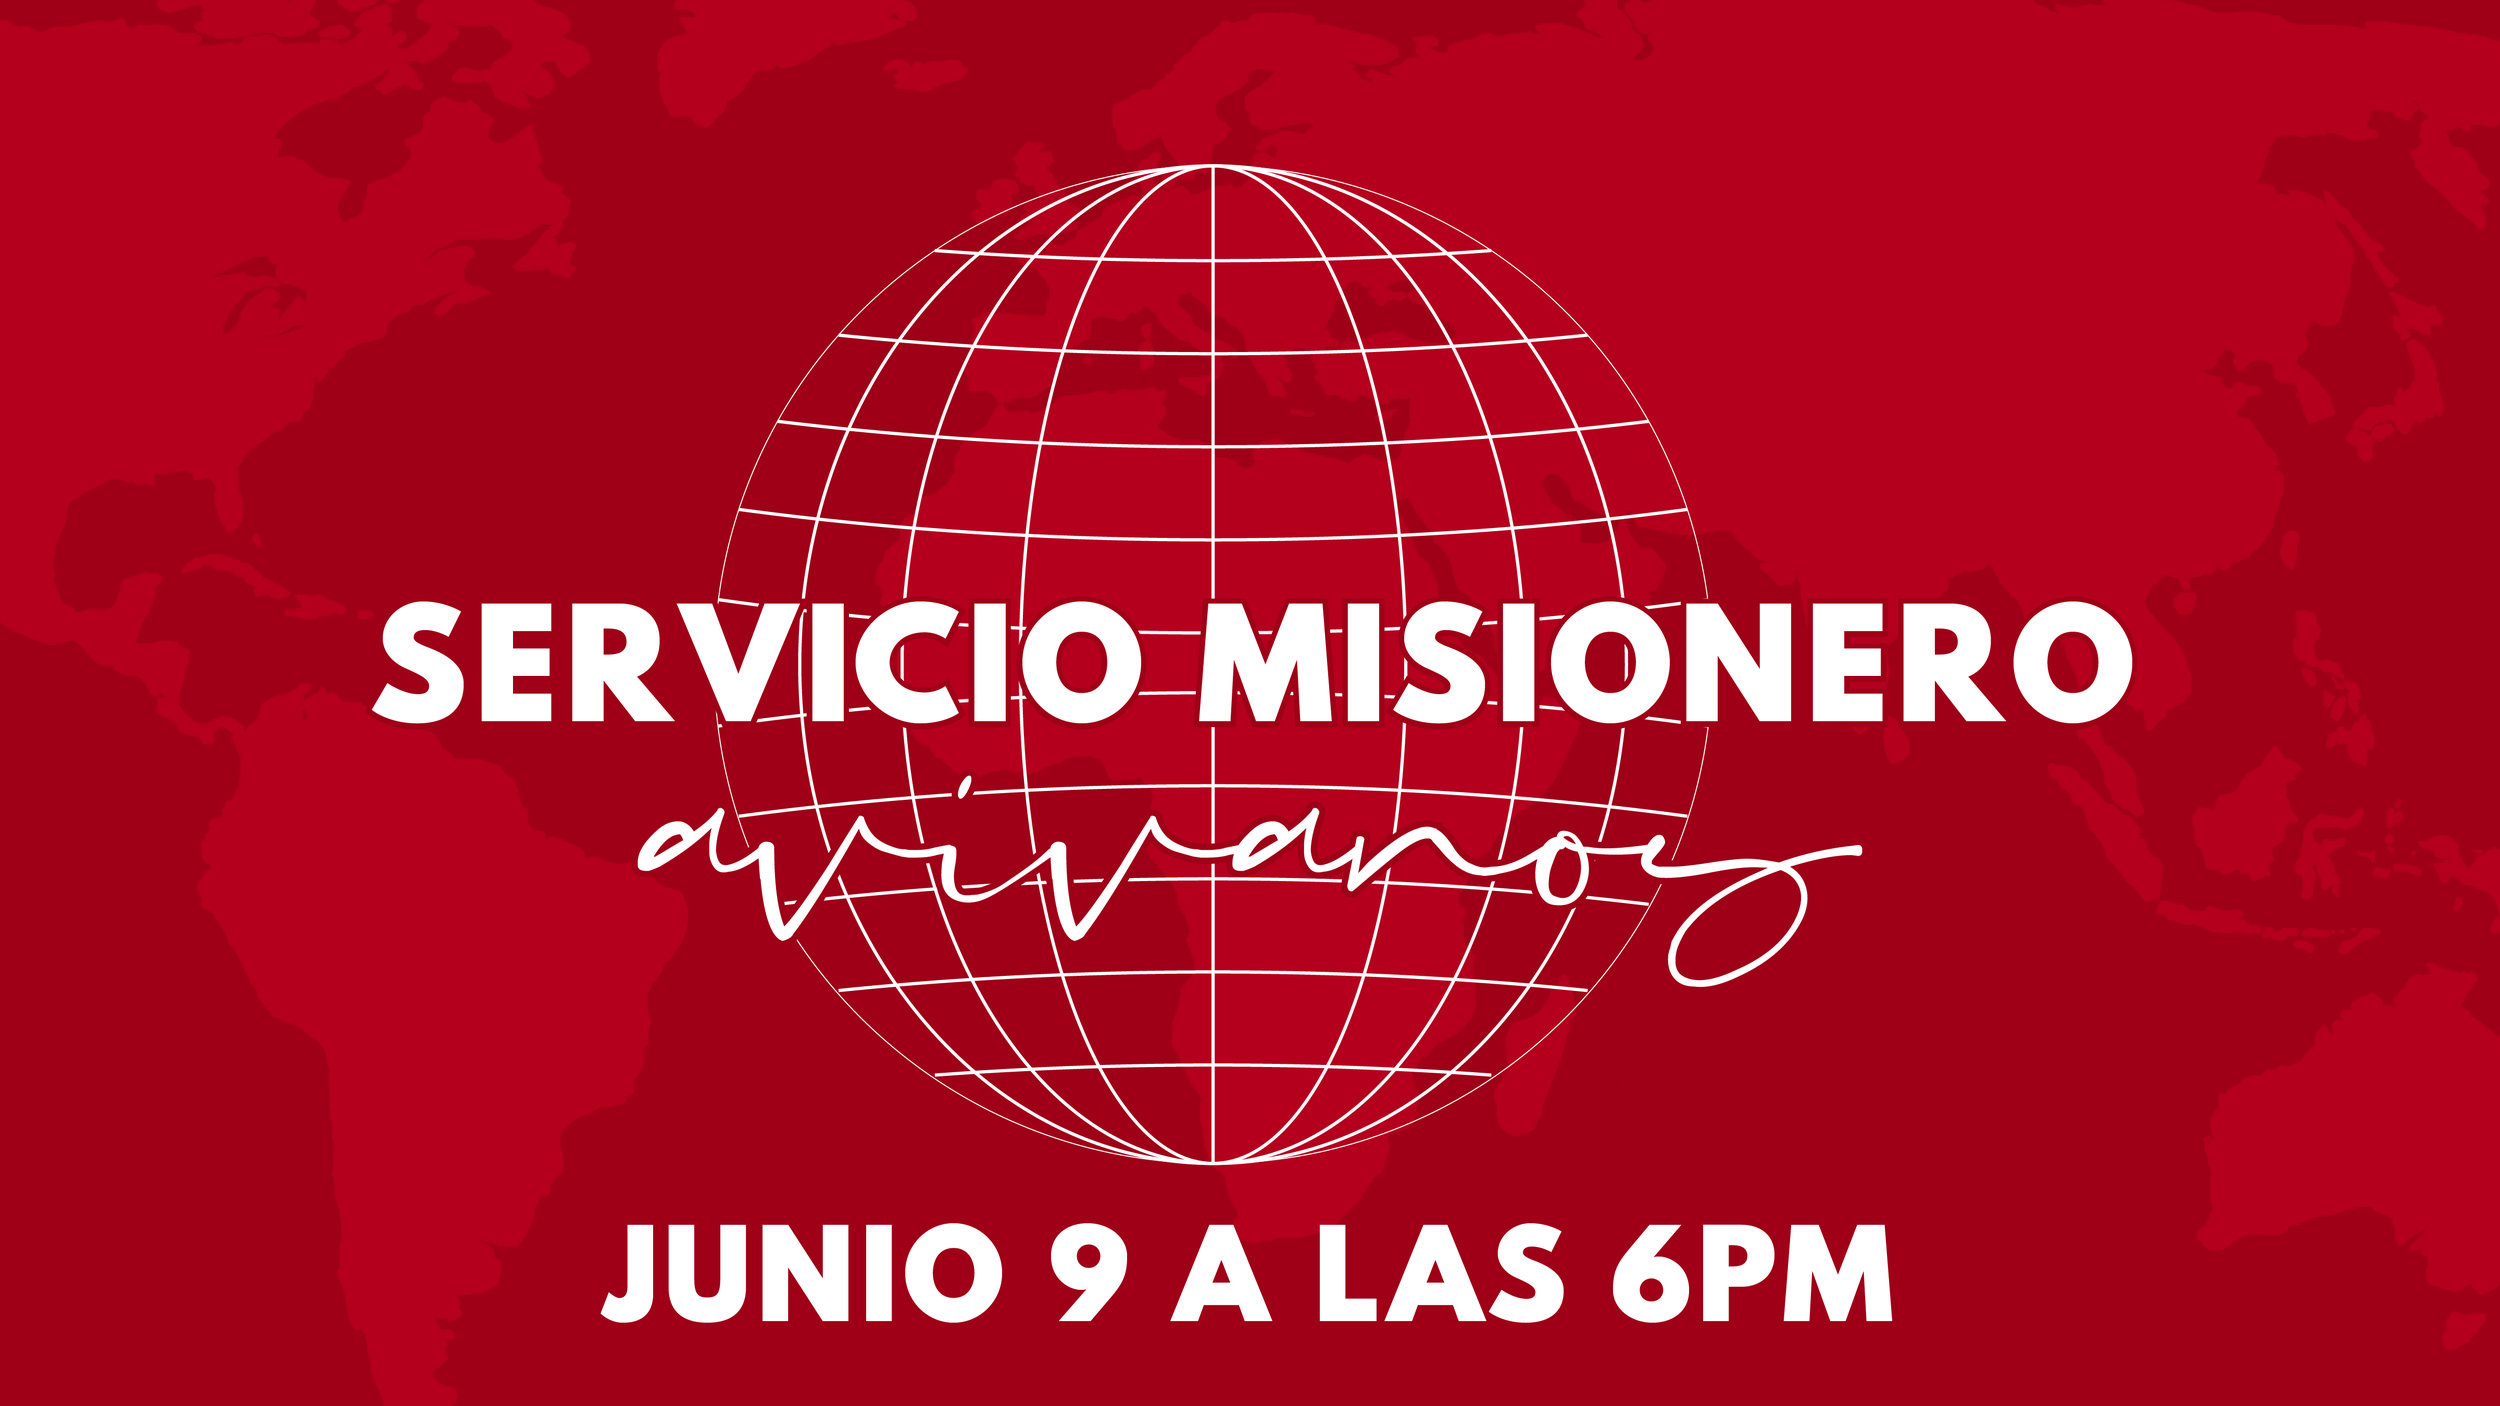 Misiones-01.jpg